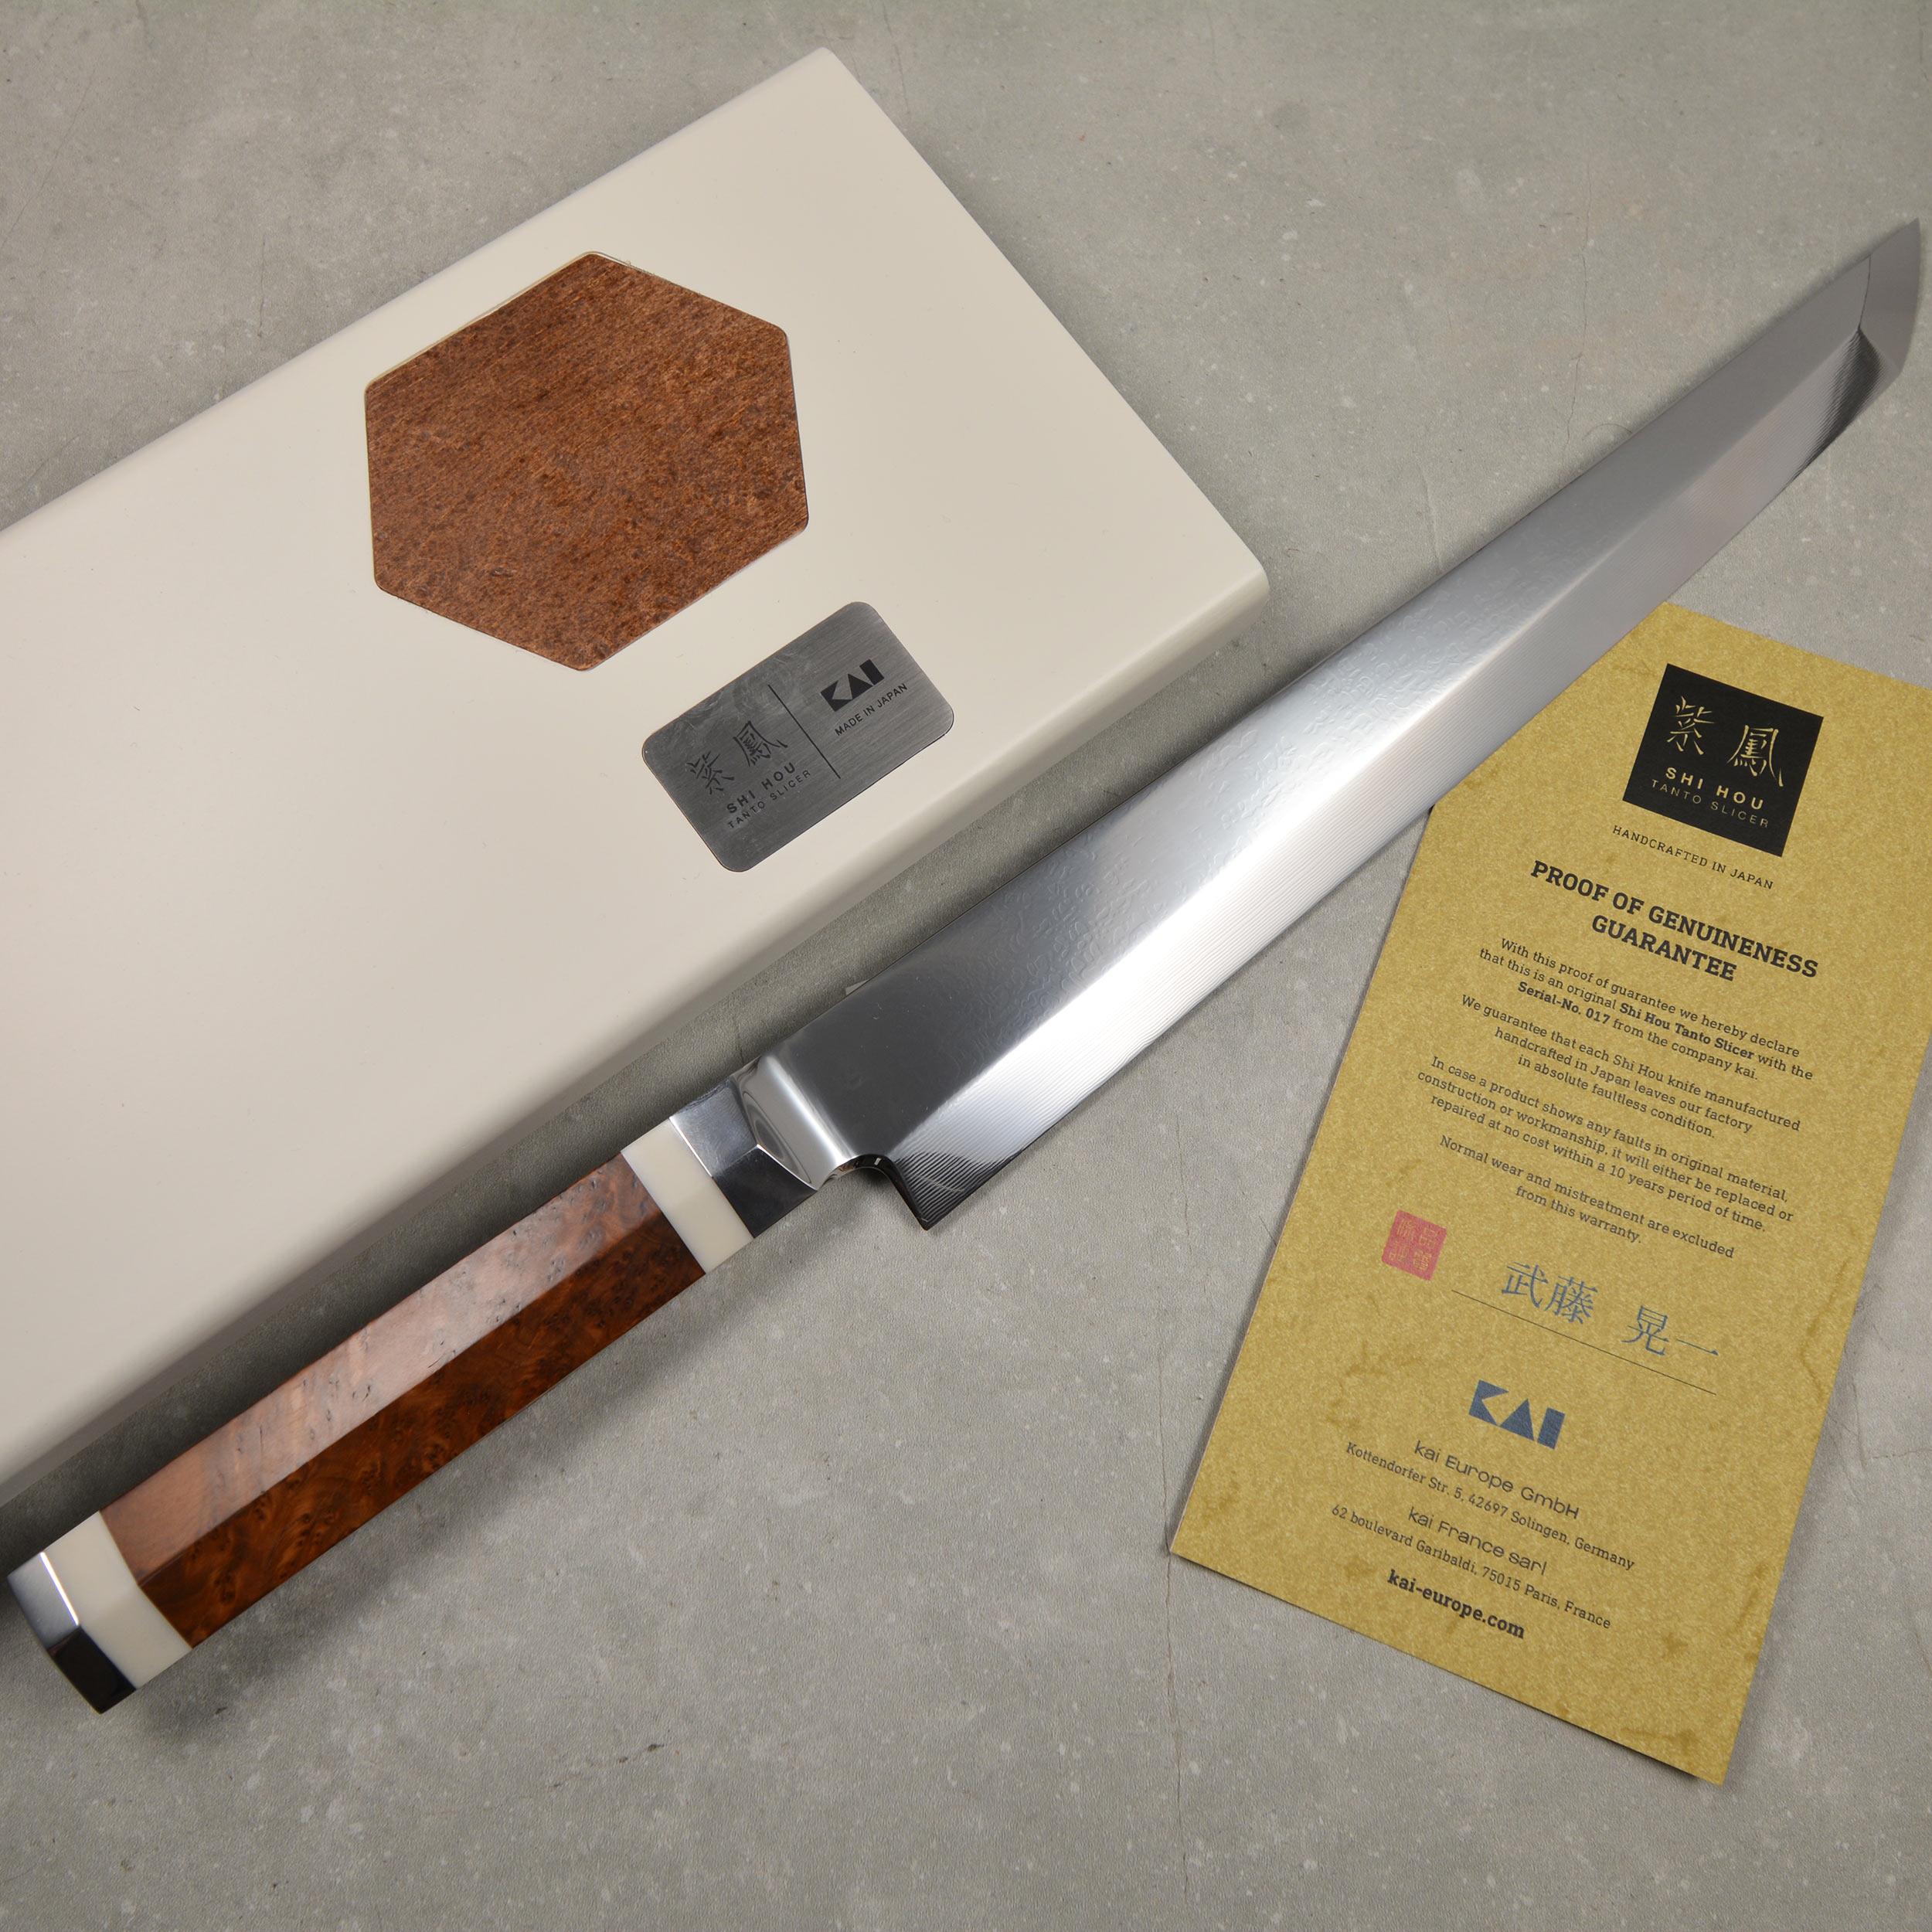 KAI Shun Shi Hou BZ-0048 Tanto Slicer 29 cm